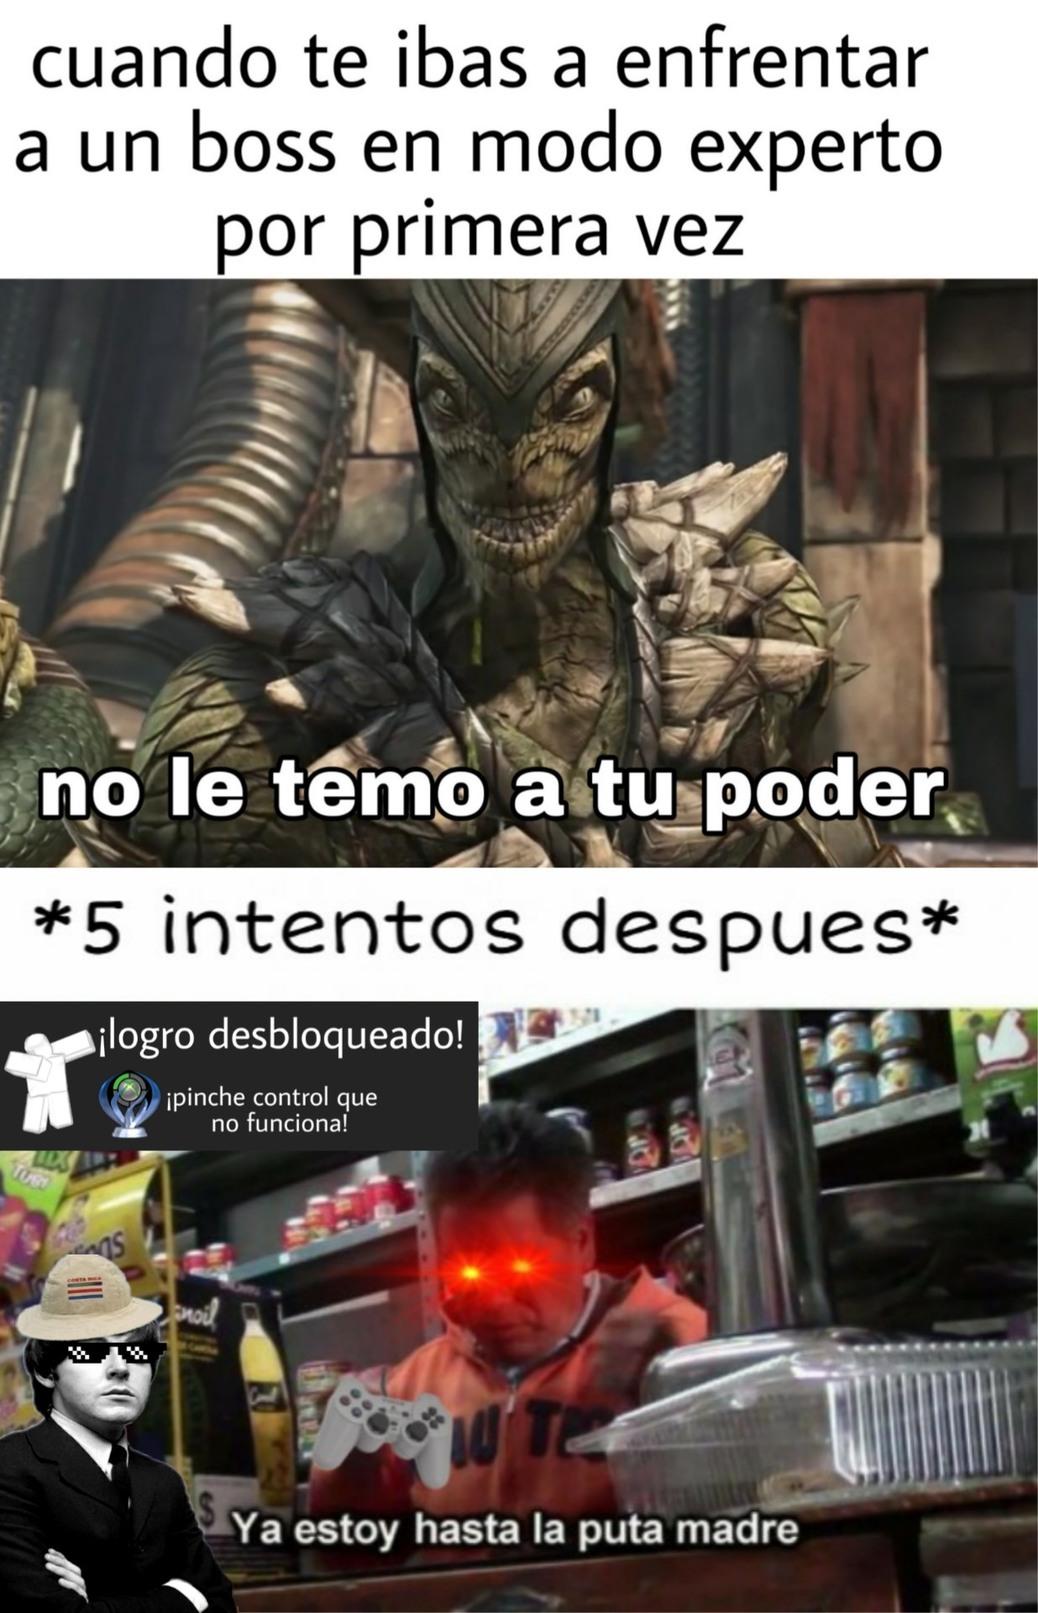 Nuevo meme TRONCOS